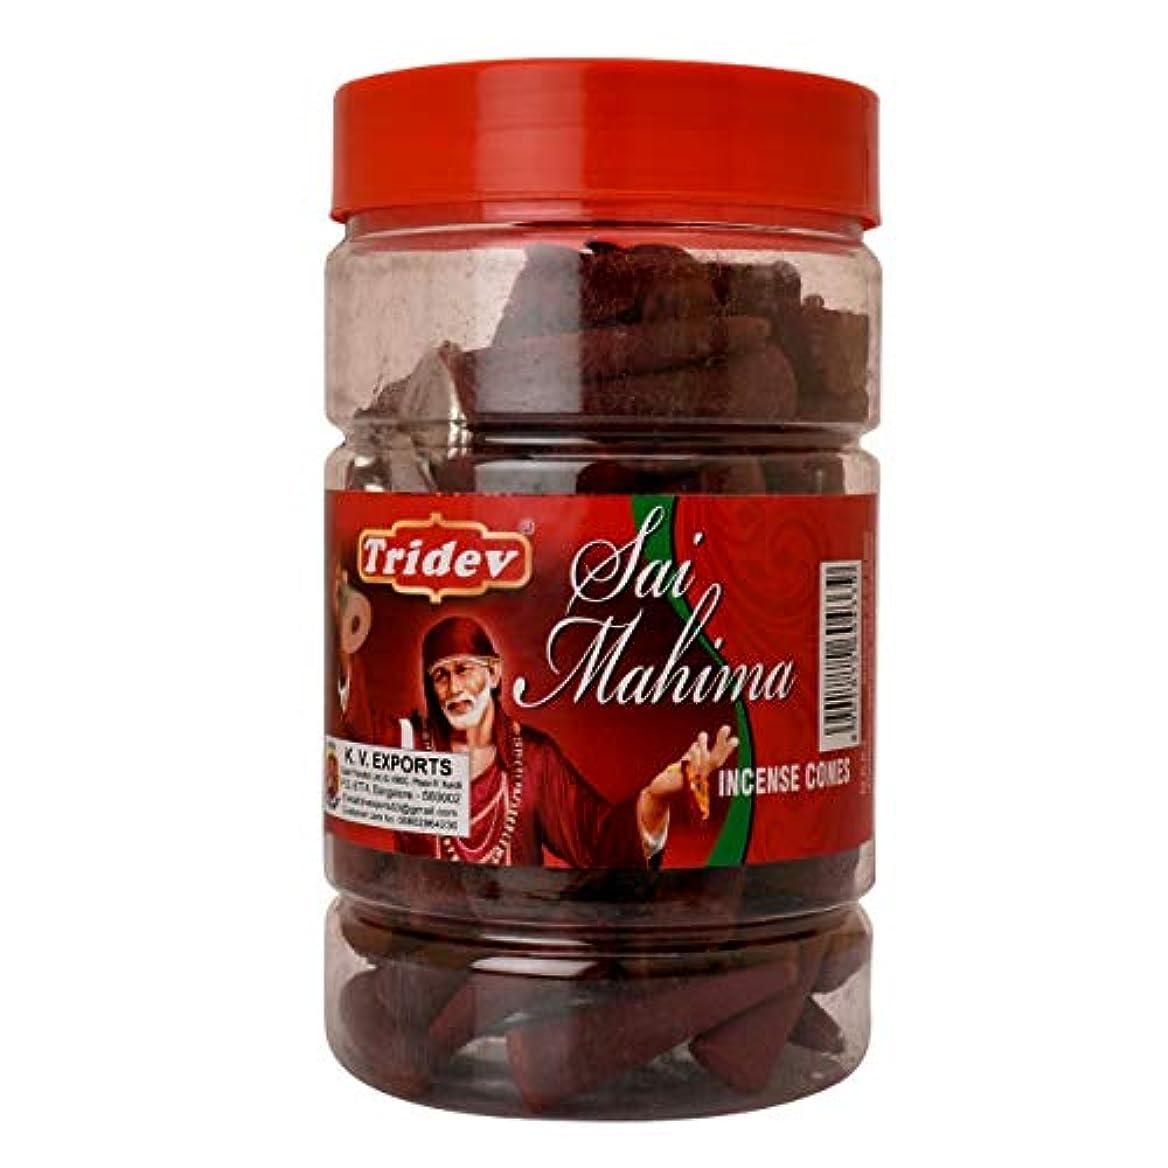 手のひら上向き料理Tridev Sai Mahima フレグランス コーン型お香瓶 1350グラム ボックス入り | 6瓶 225グラム 箱入り | 輸出品質